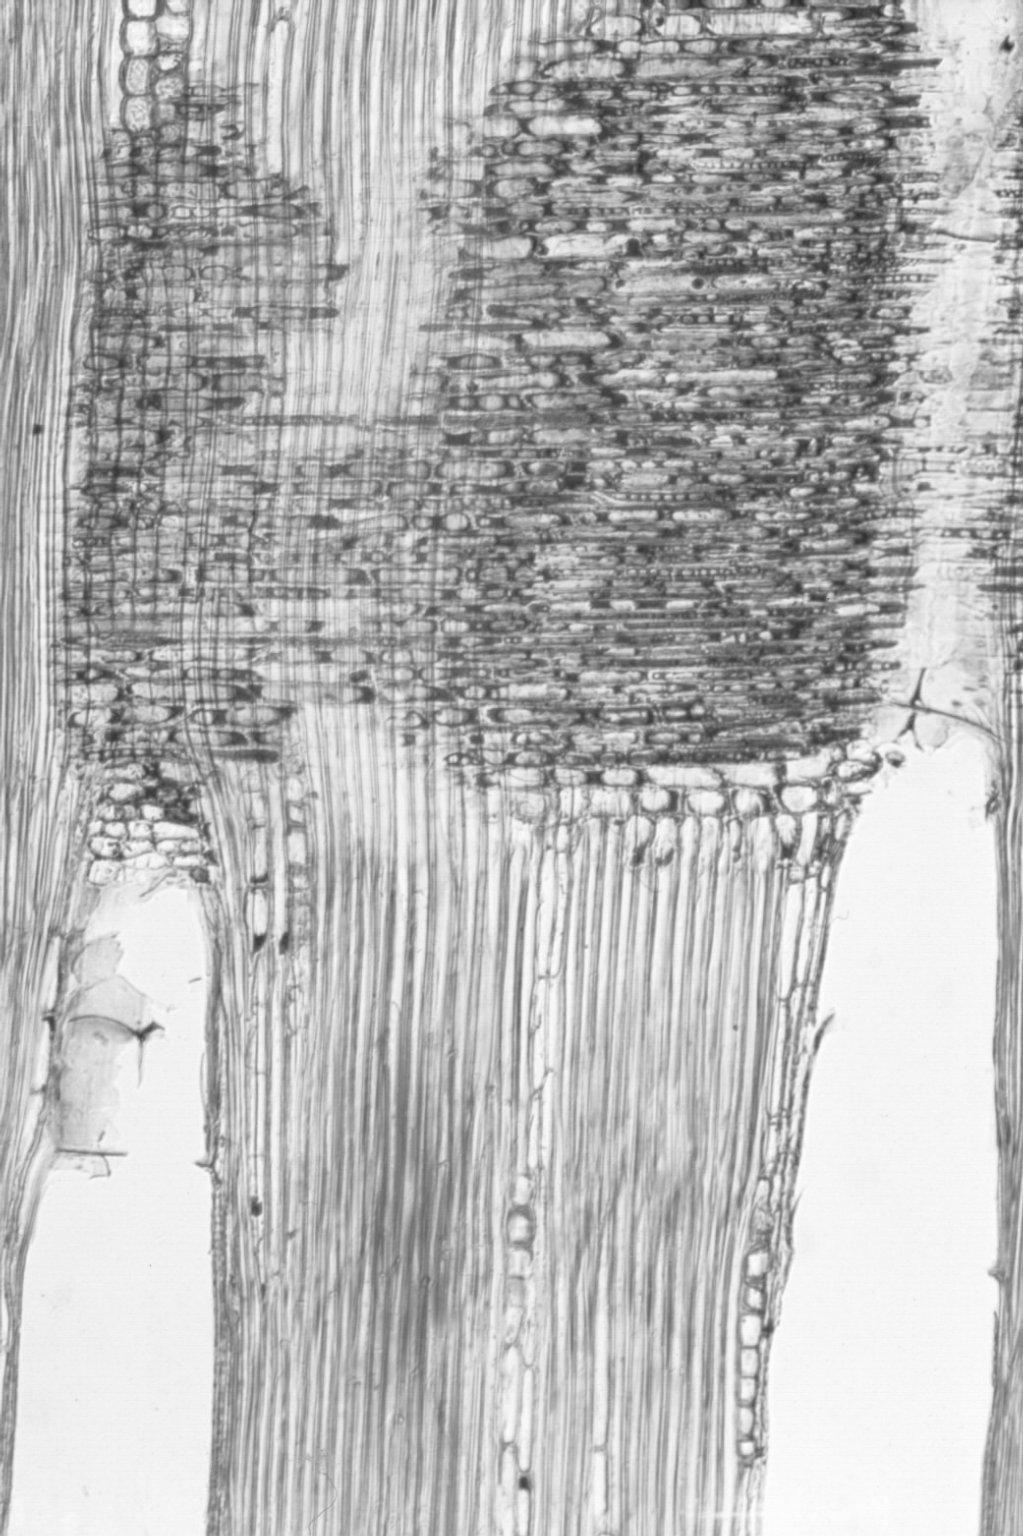 DIPTEROCARPACEAE Hopea ferruginea